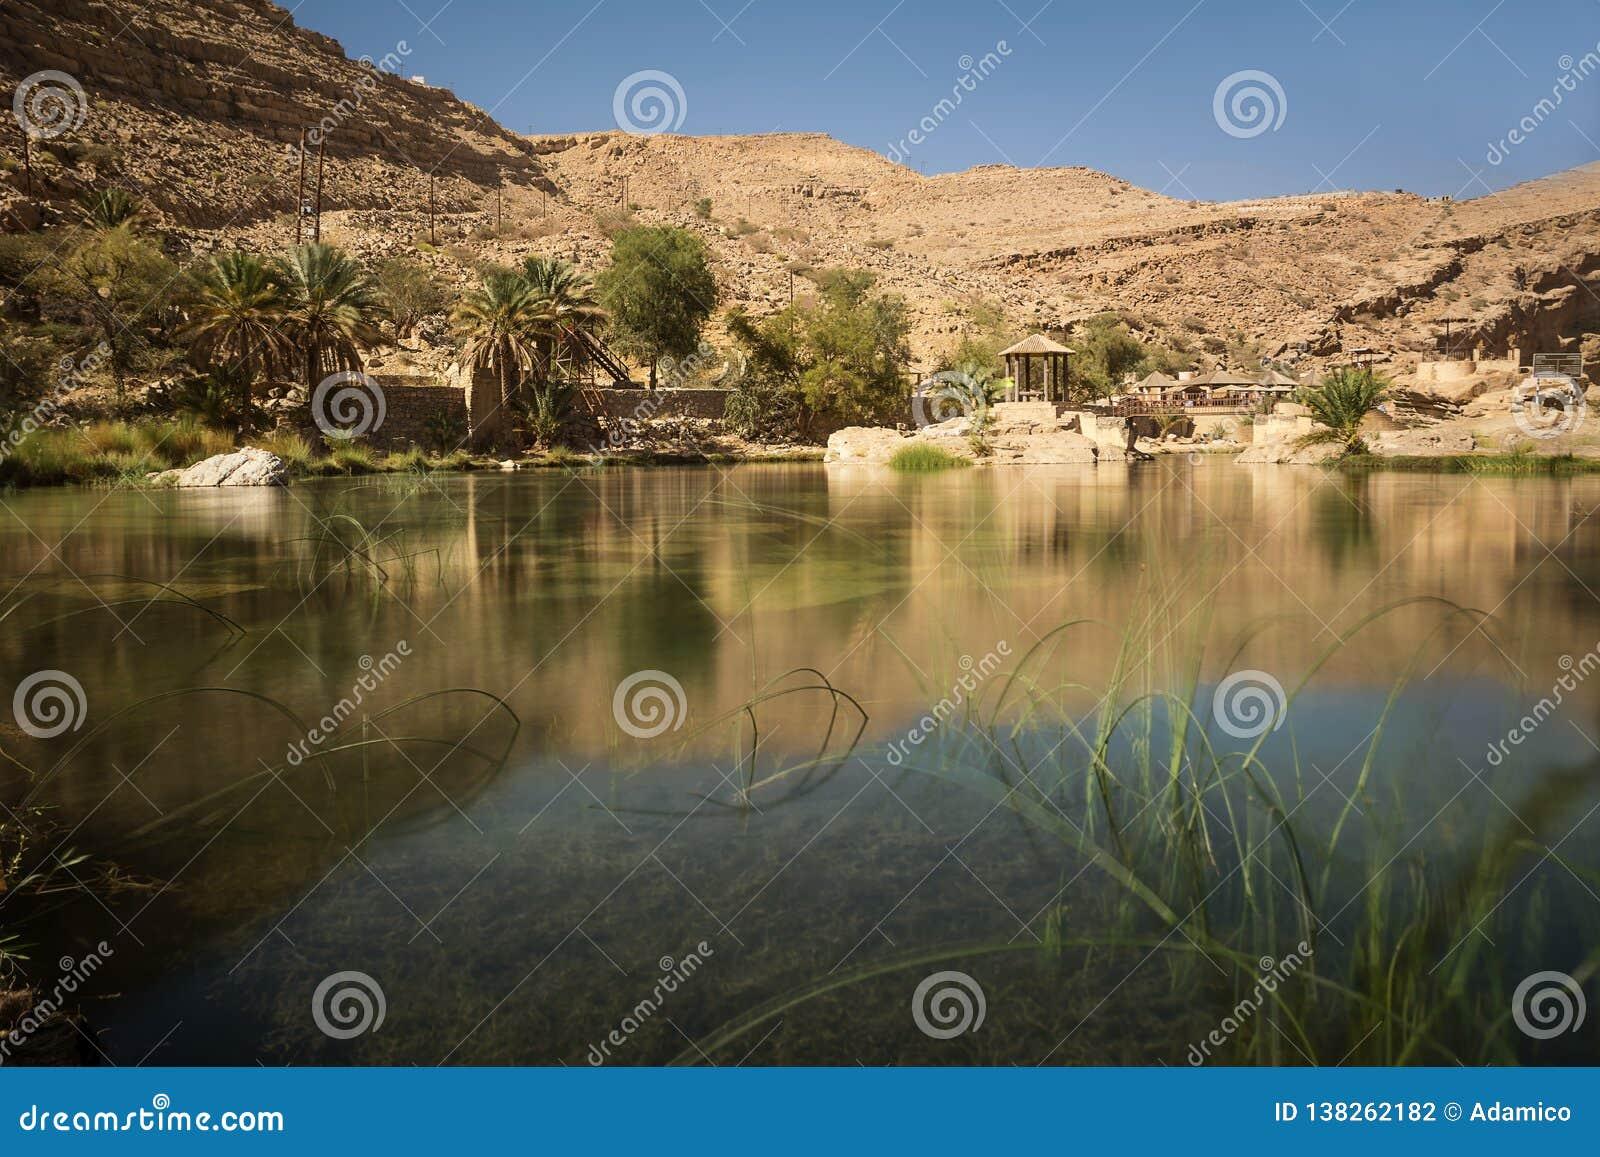 Zadziwiający jezioro i oaza z drzewko palmowe wadim Bania Khalid w Omani pustyni